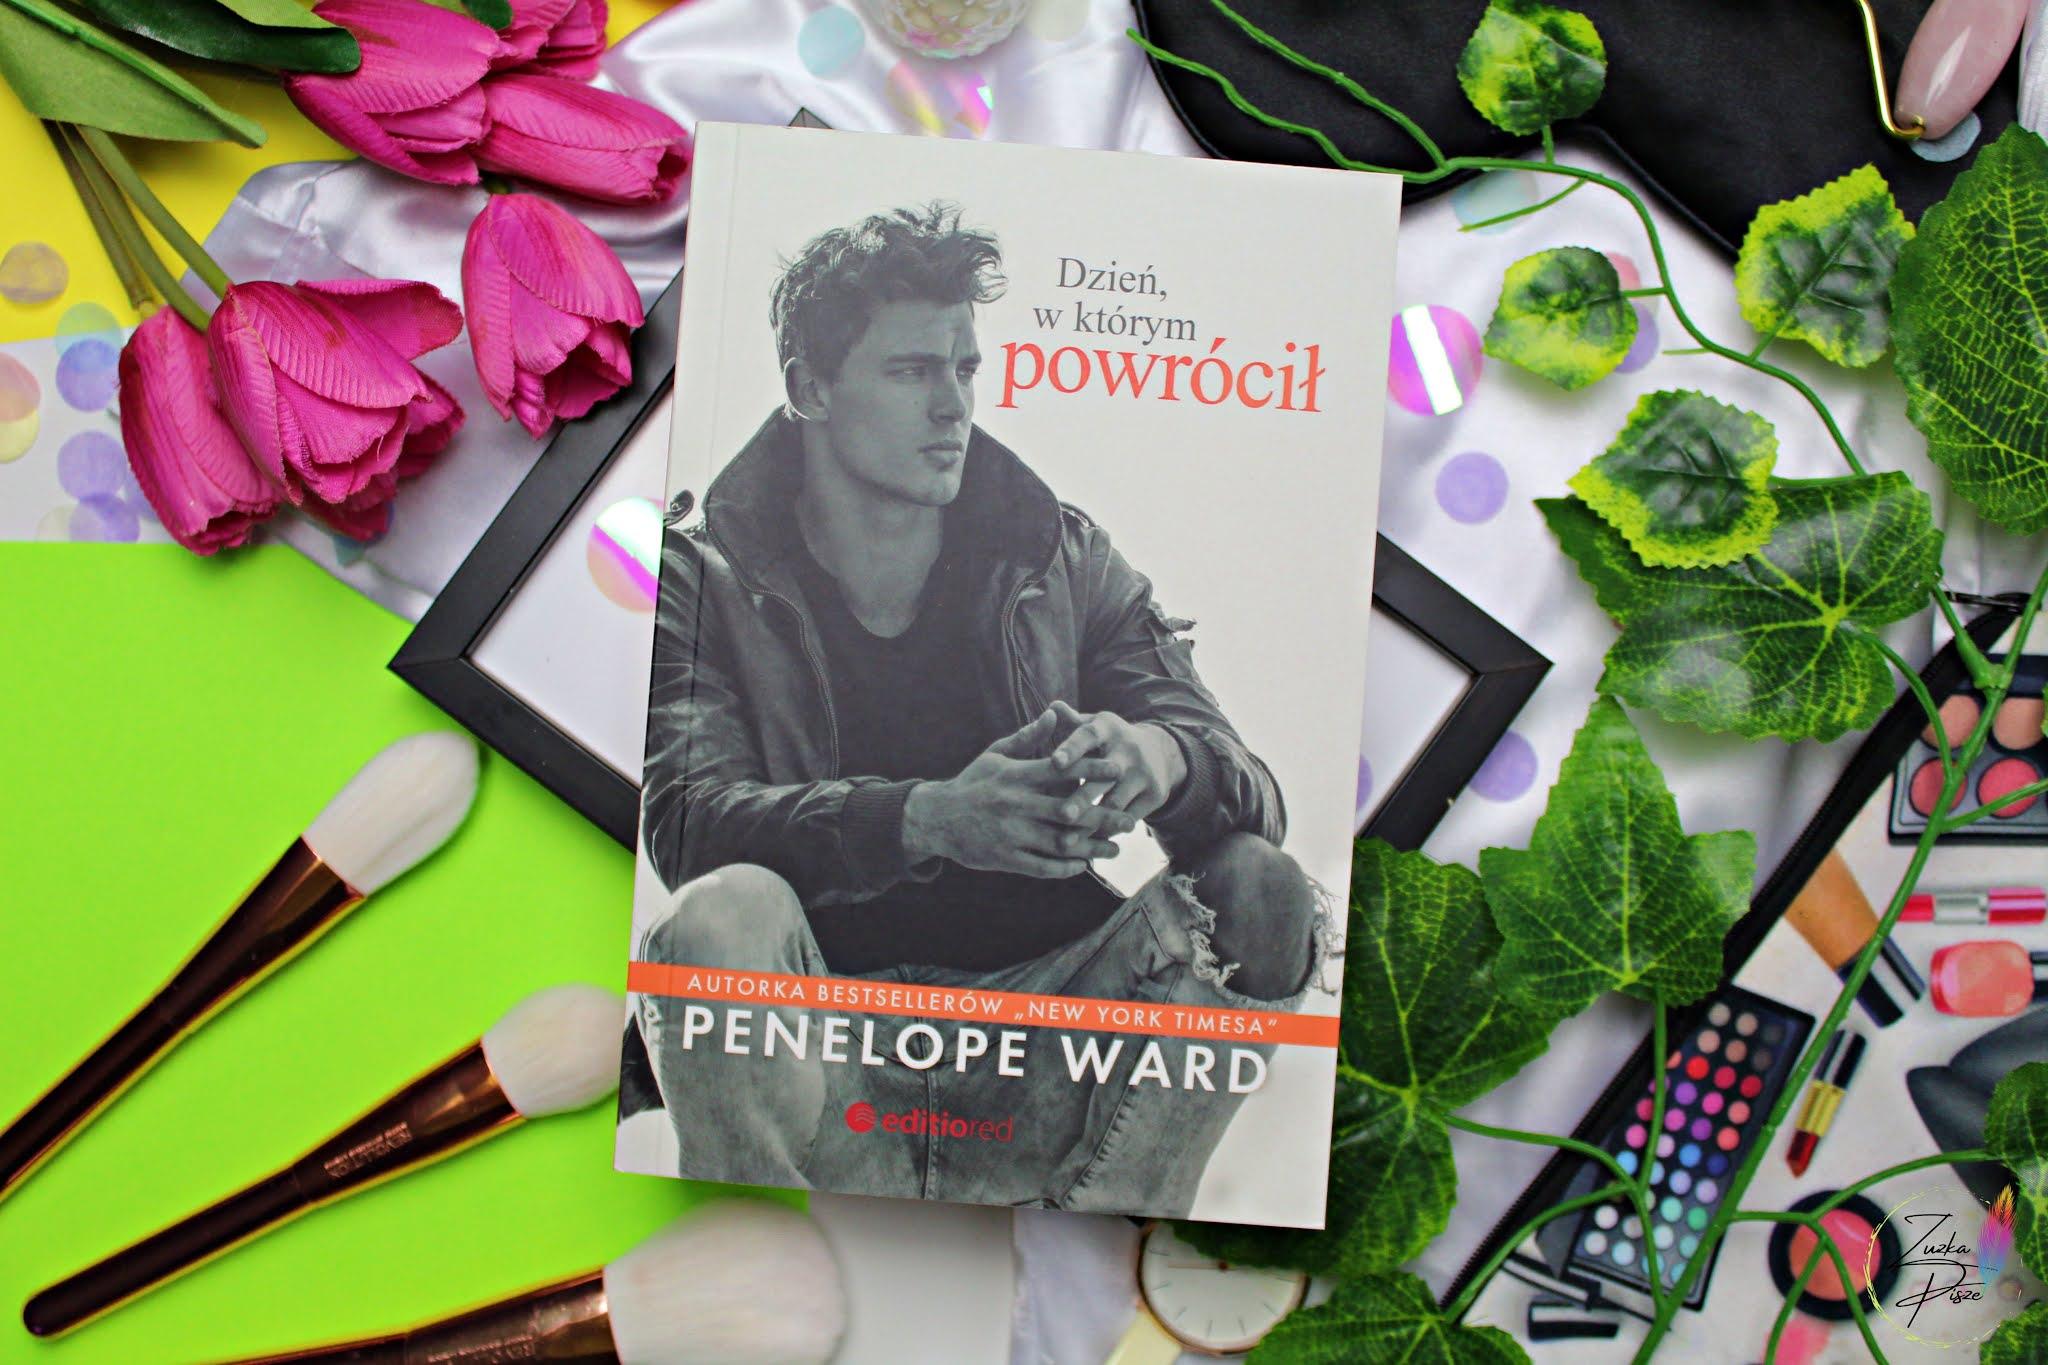 """Penelope Ward """"Dzień, w którym powrócił"""" - recenzja książki"""